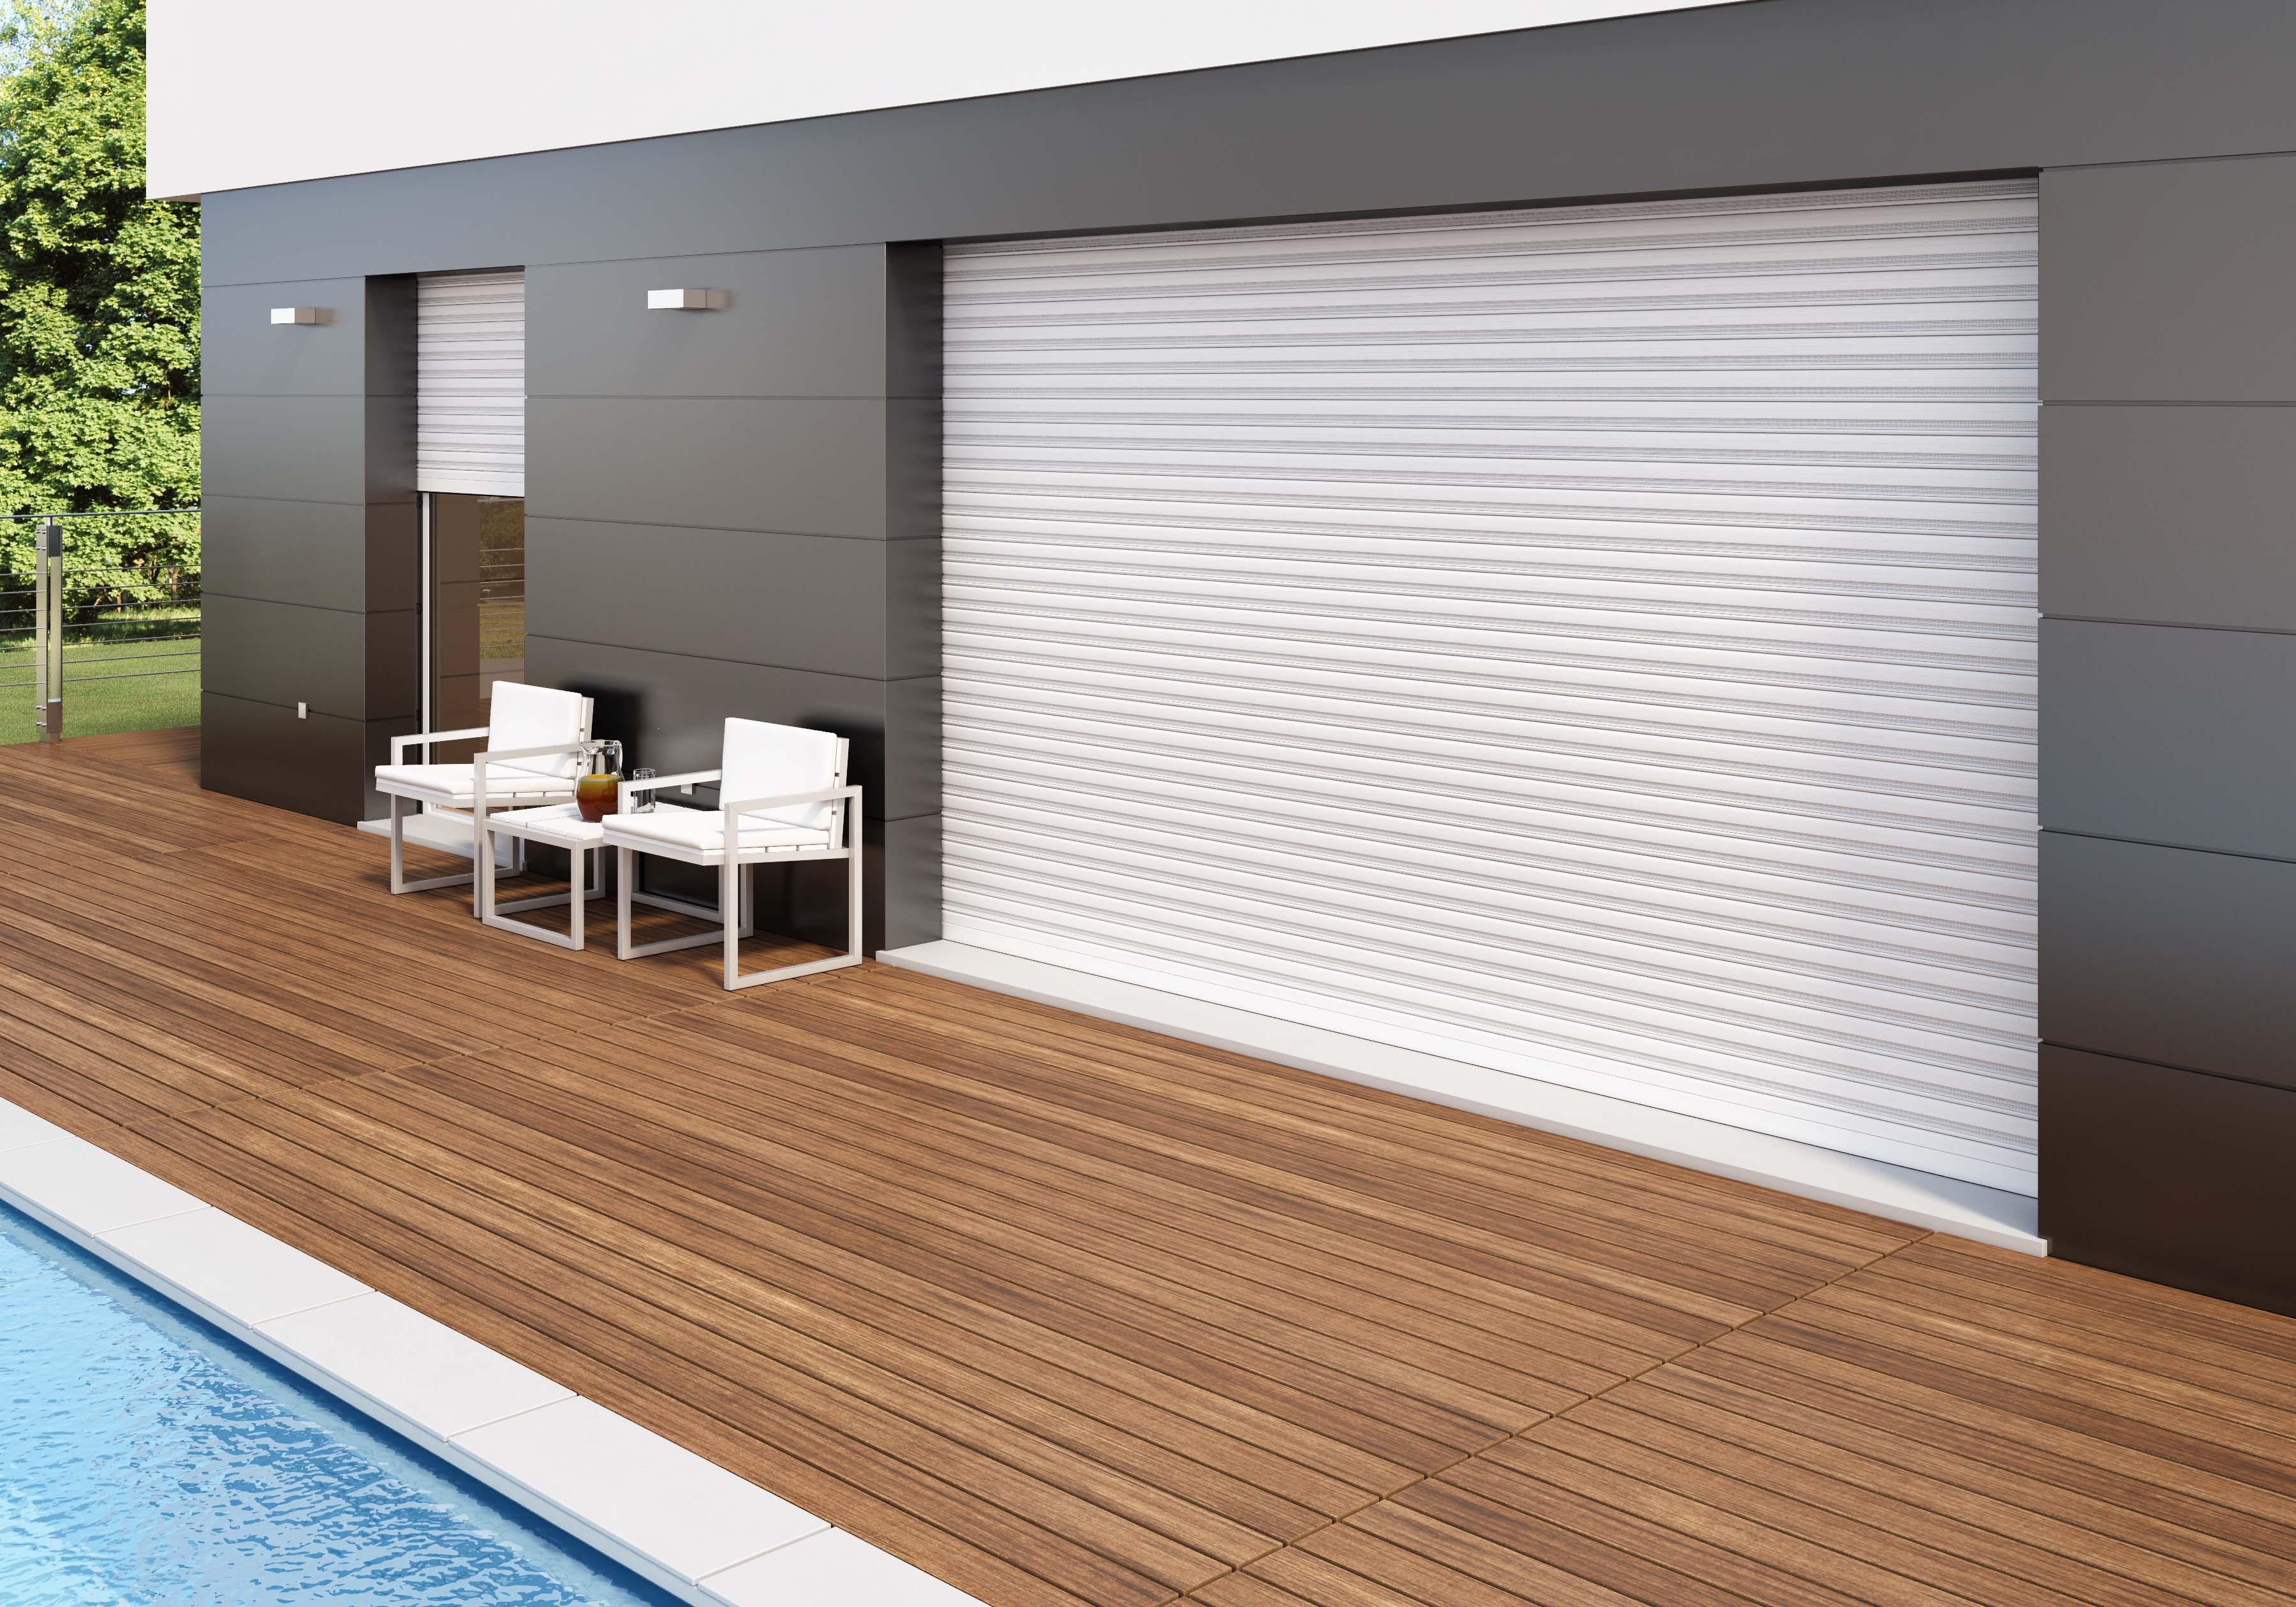 Innovativo avvolgibile di sicurezza in alluminio con for Design di finestre moderne per case